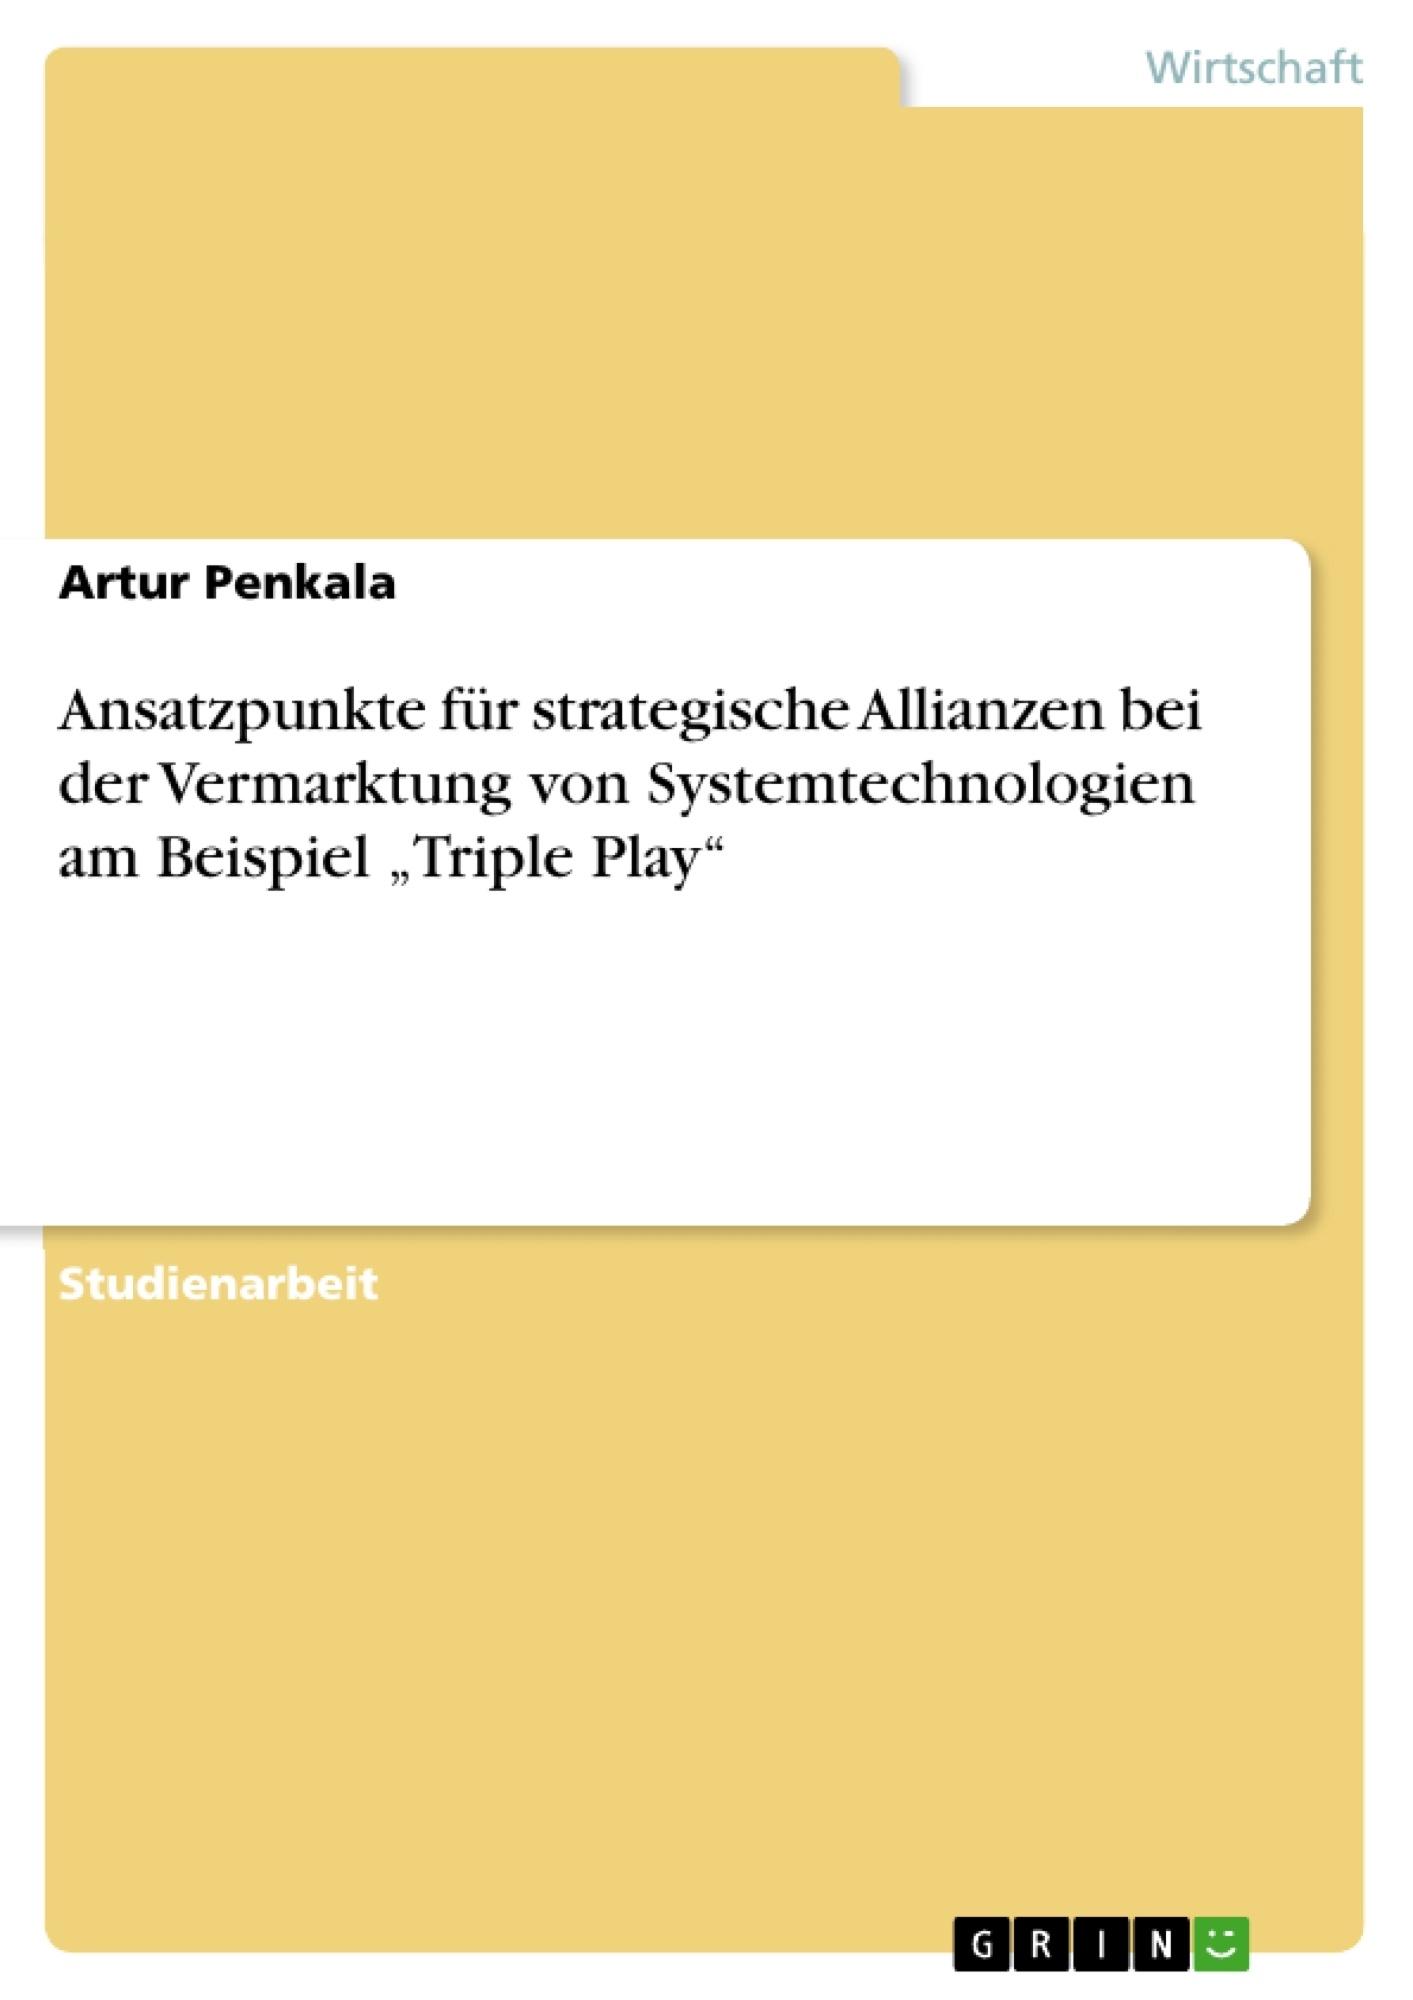 """Titel: Ansatzpunkte für strategische Allianzen bei der Vermarktung von Systemtechnologien am Beispiel """"Triple Play"""""""